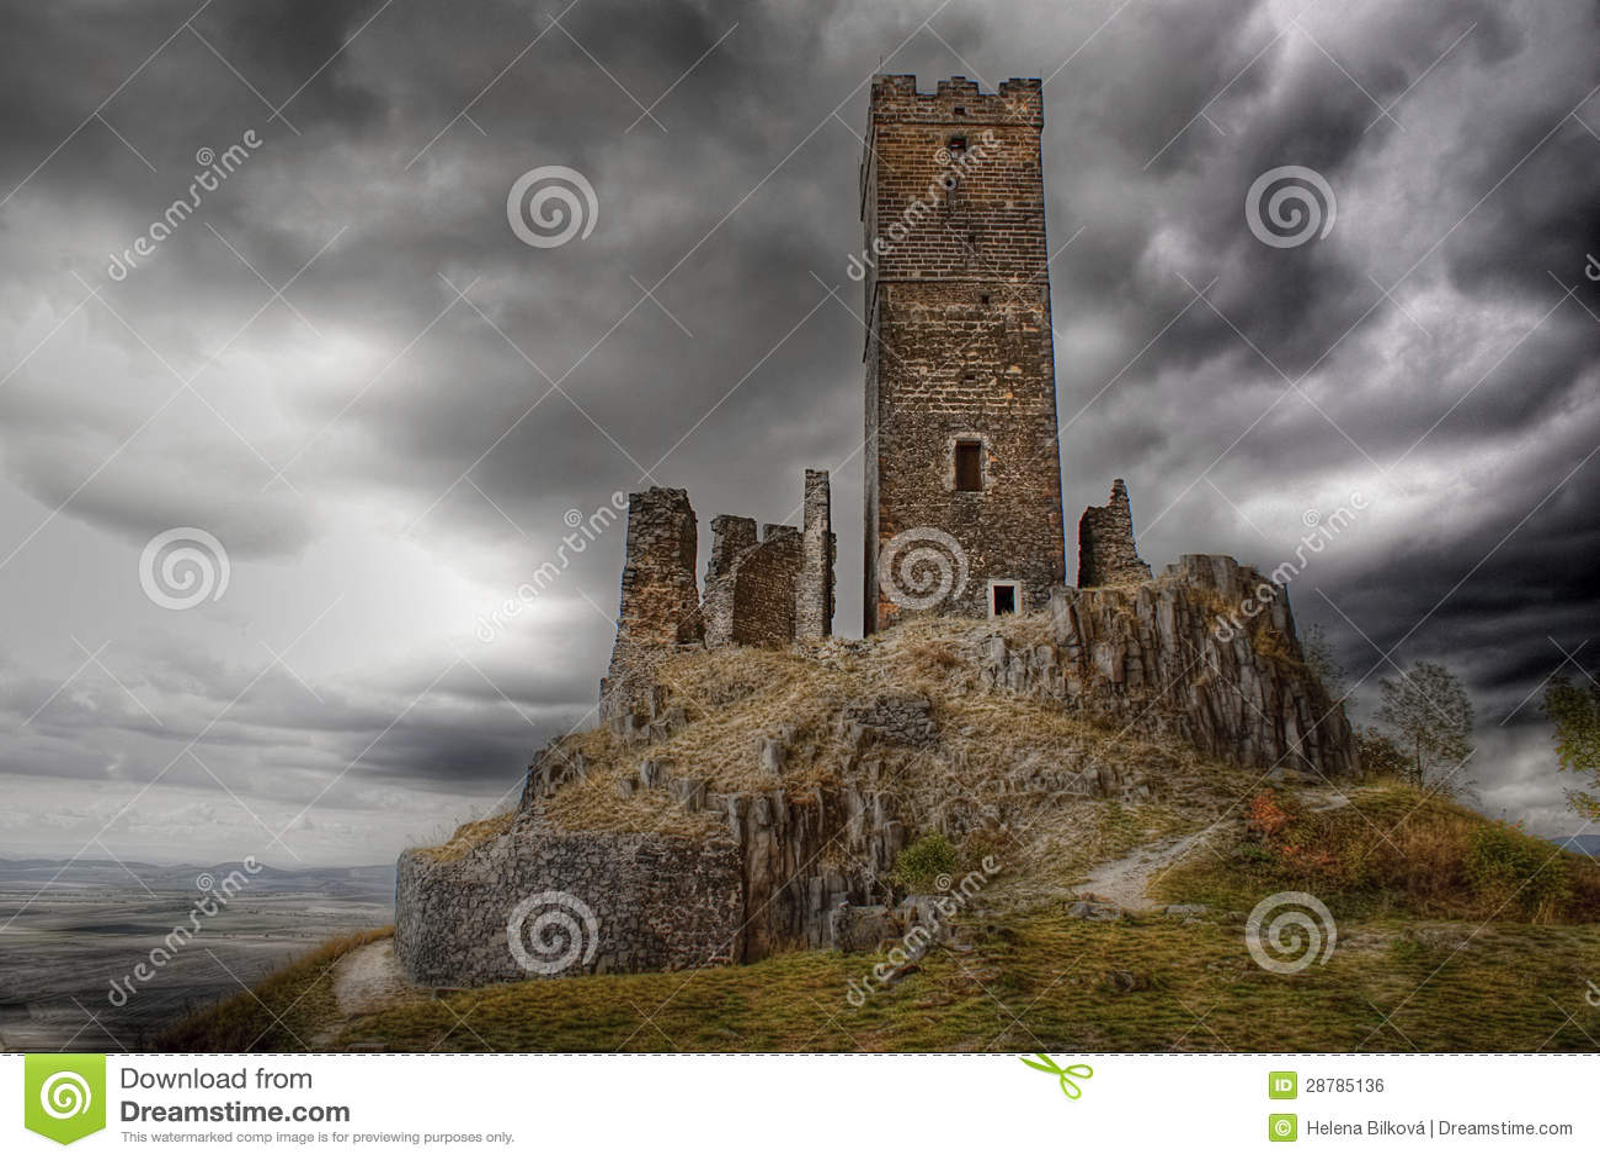 Castillo gótico Hazmburk, señal